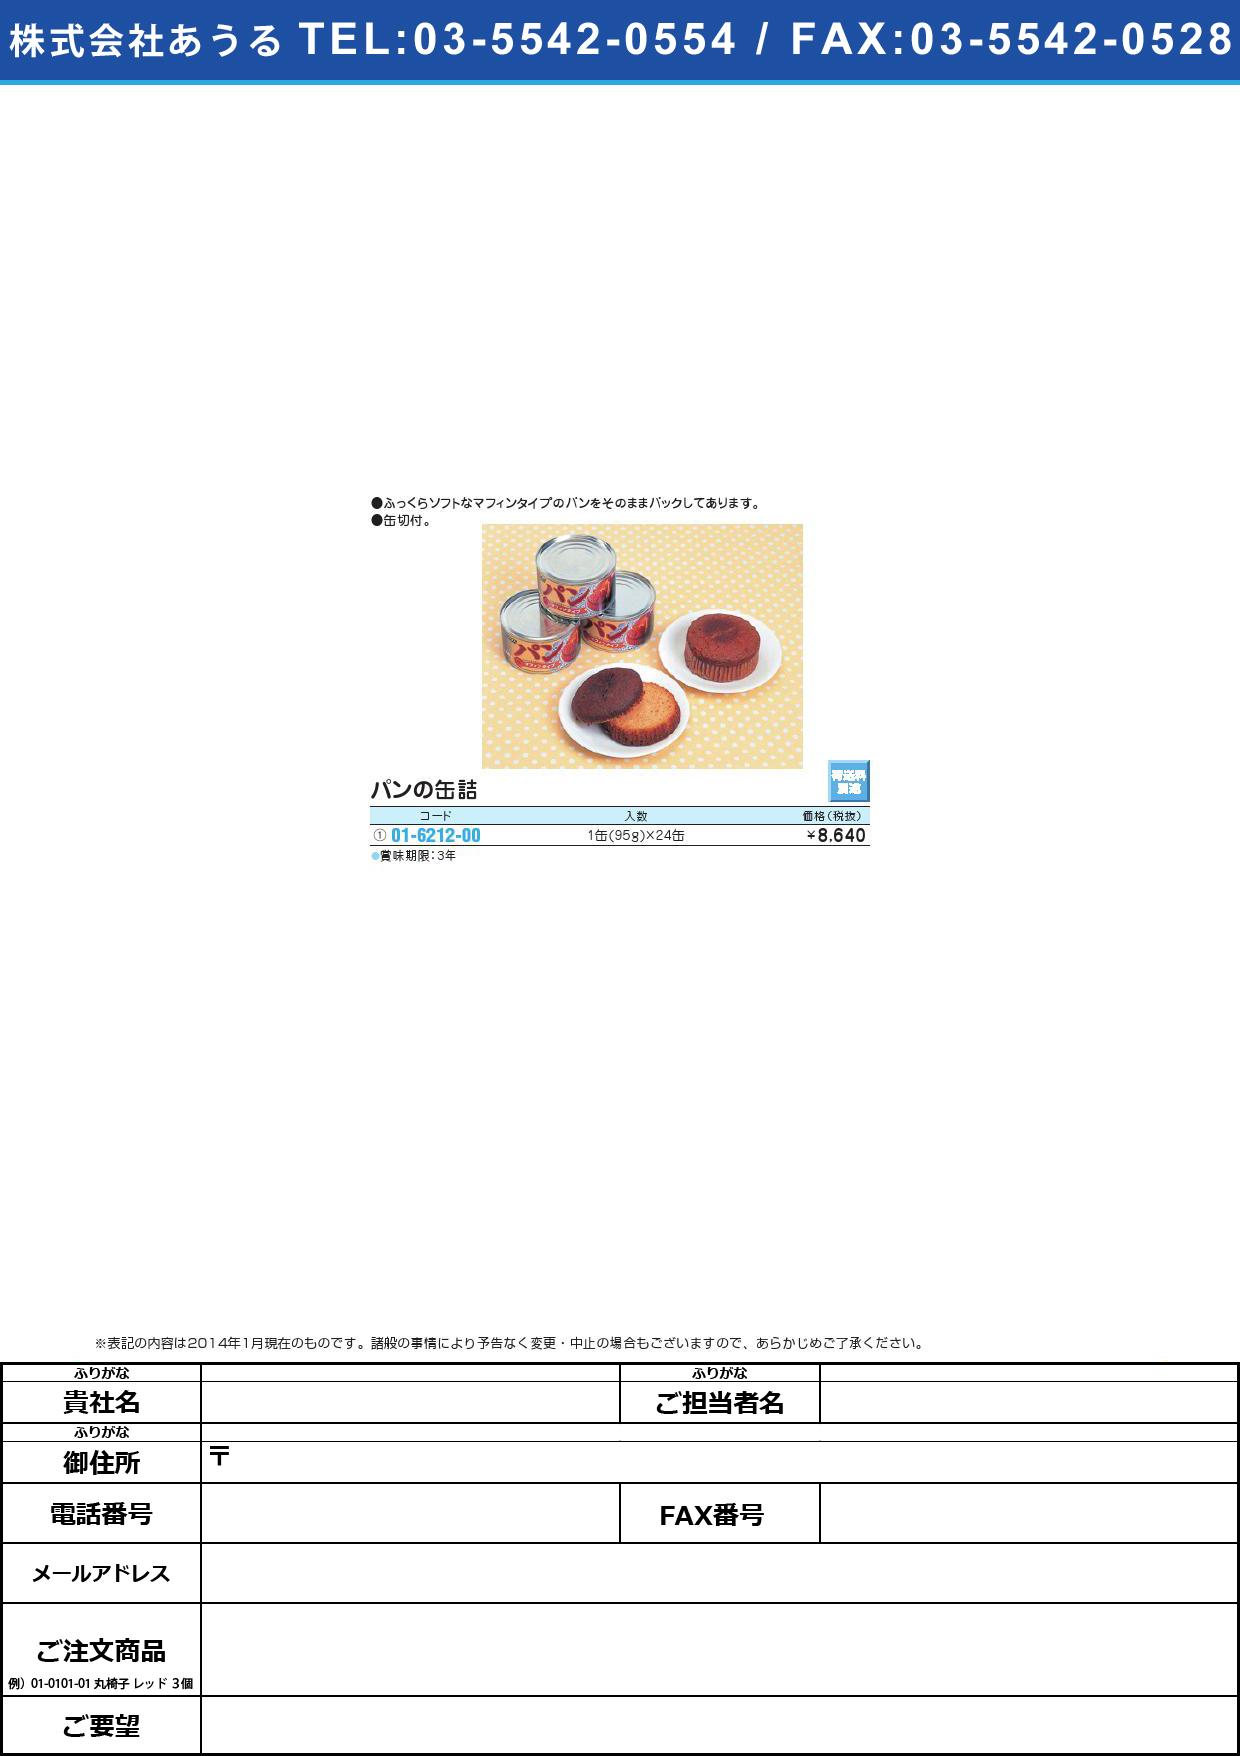 パンの缶詰(賞味期限3年) パンノカンヅメ(01-6212-00)2030(95G)24カンイリ【1箱単位】